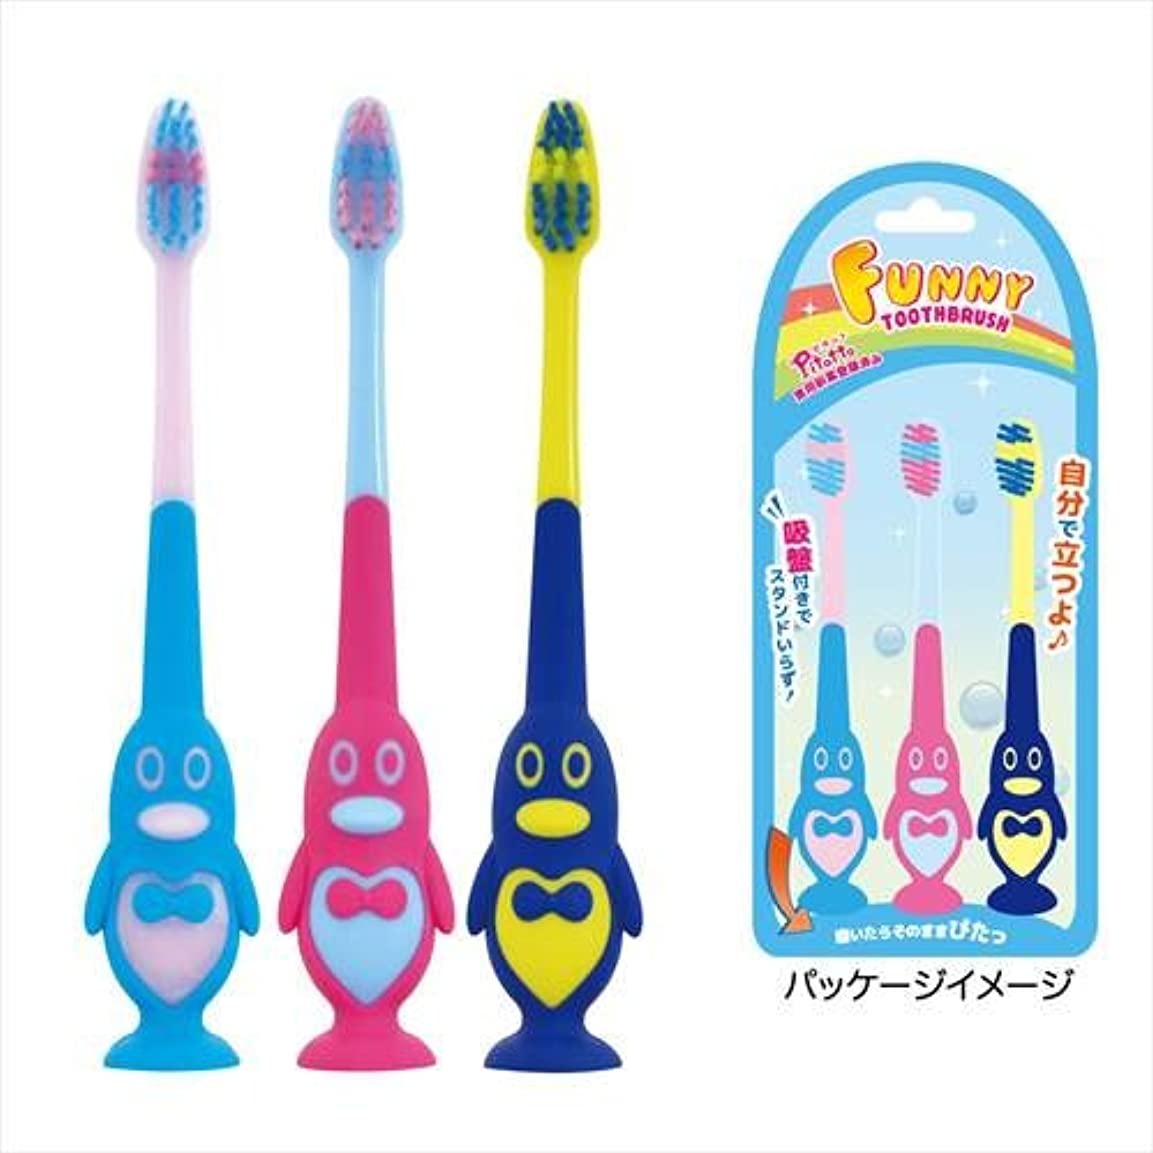 ガード軍団無秩序[歯ブラシ] 吸盤付き歯ブラシ 3本セット/ペンギン ユーカンパニー かわいい 洗面用具 グッズ 通販